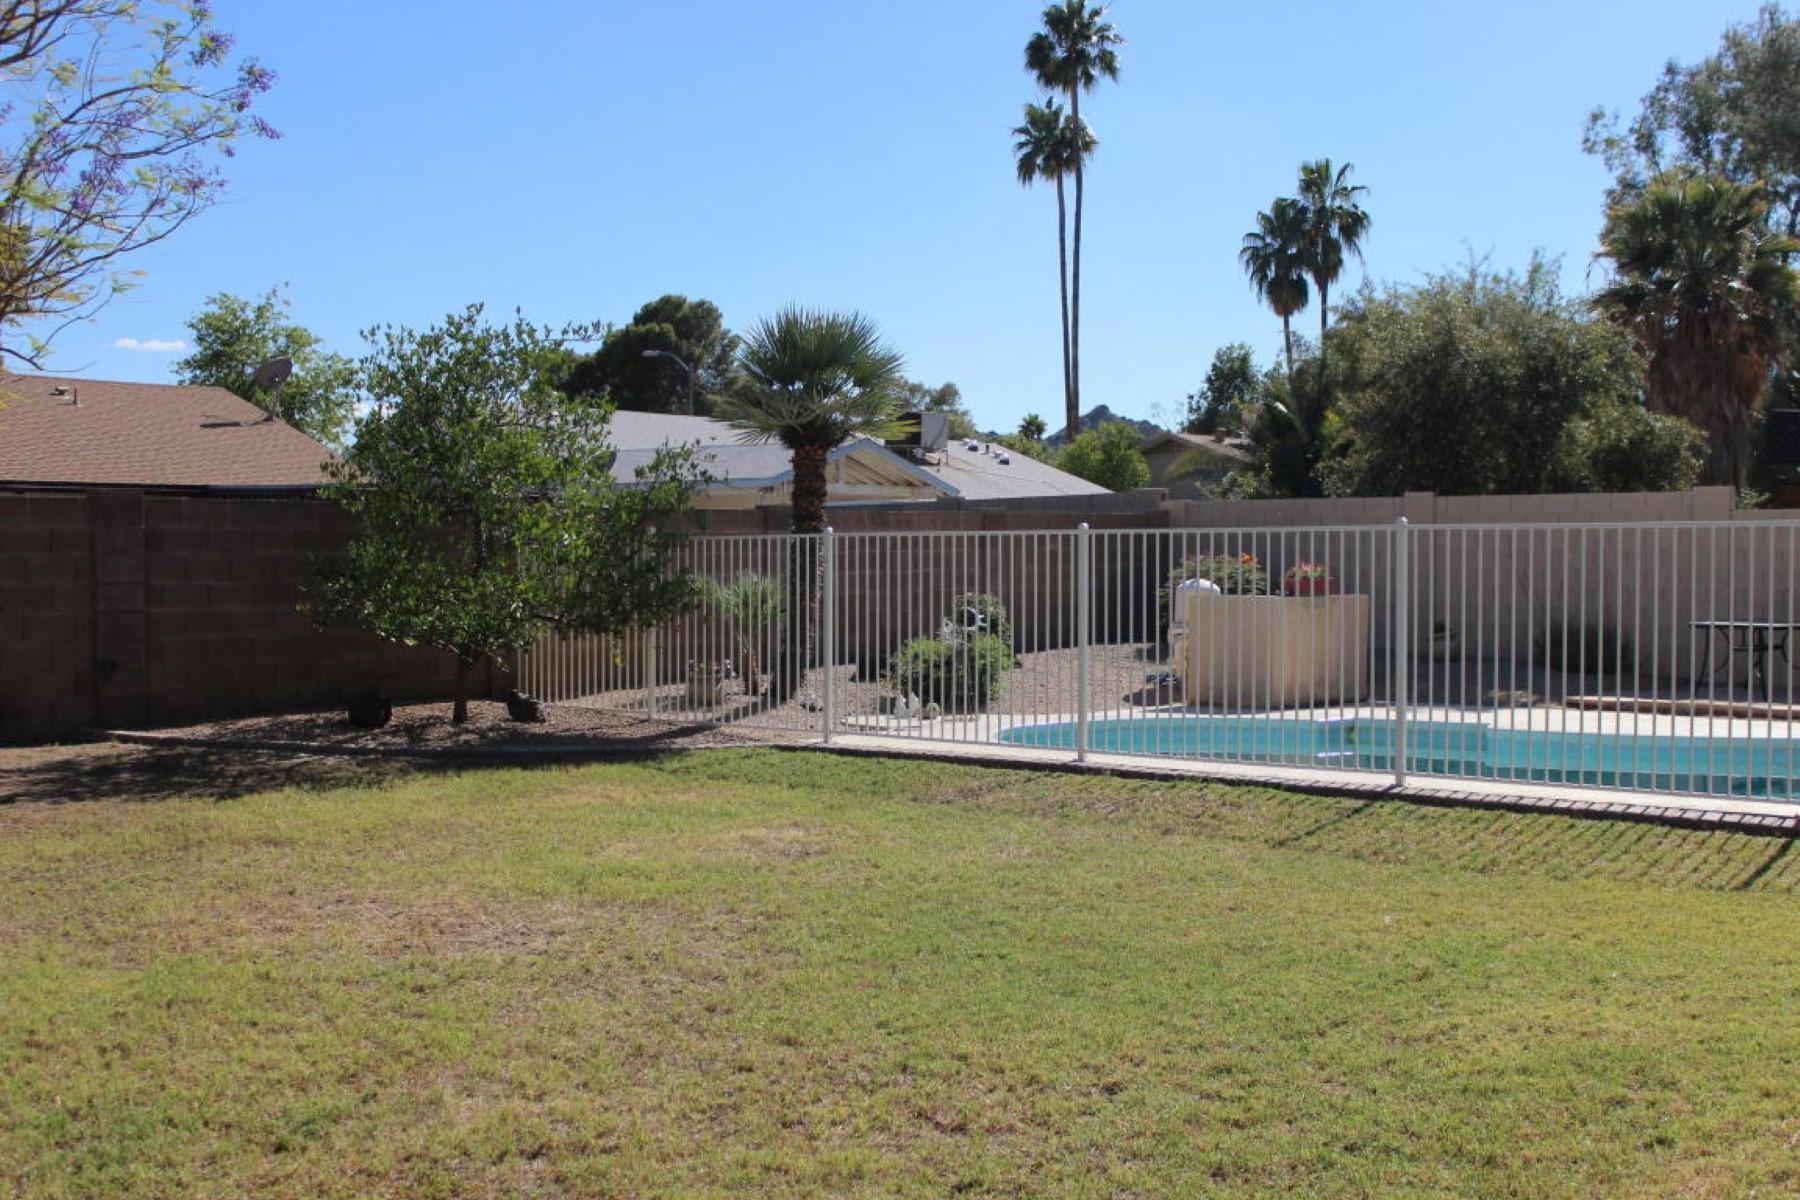 Maison unifamiliale pour l Vente à Charming, updated home near the Phoenix Mountain Preserve. 2647 E CHOLLA ST Phoenix, Arizona 85028 États-Unis